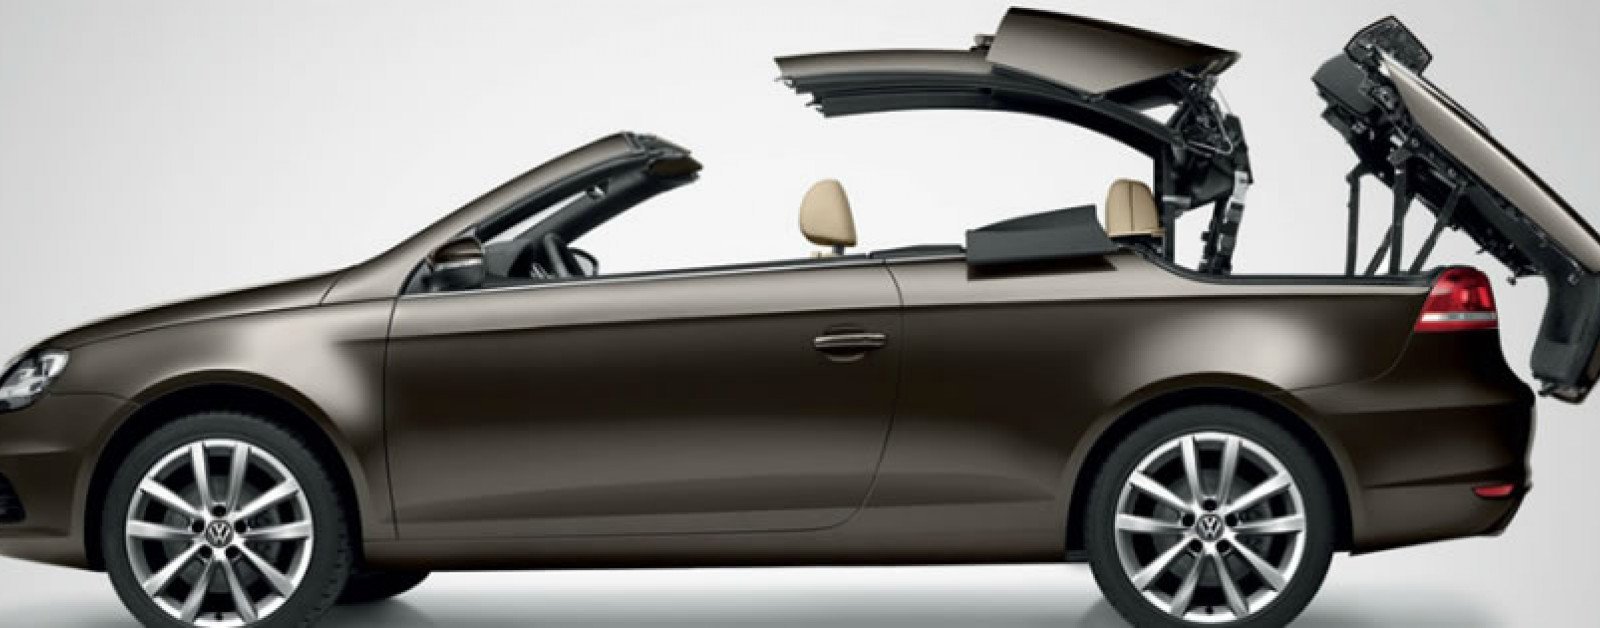 new volkswagen eos for sale ipswich volkswagen. Black Bedroom Furniture Sets. Home Design Ideas